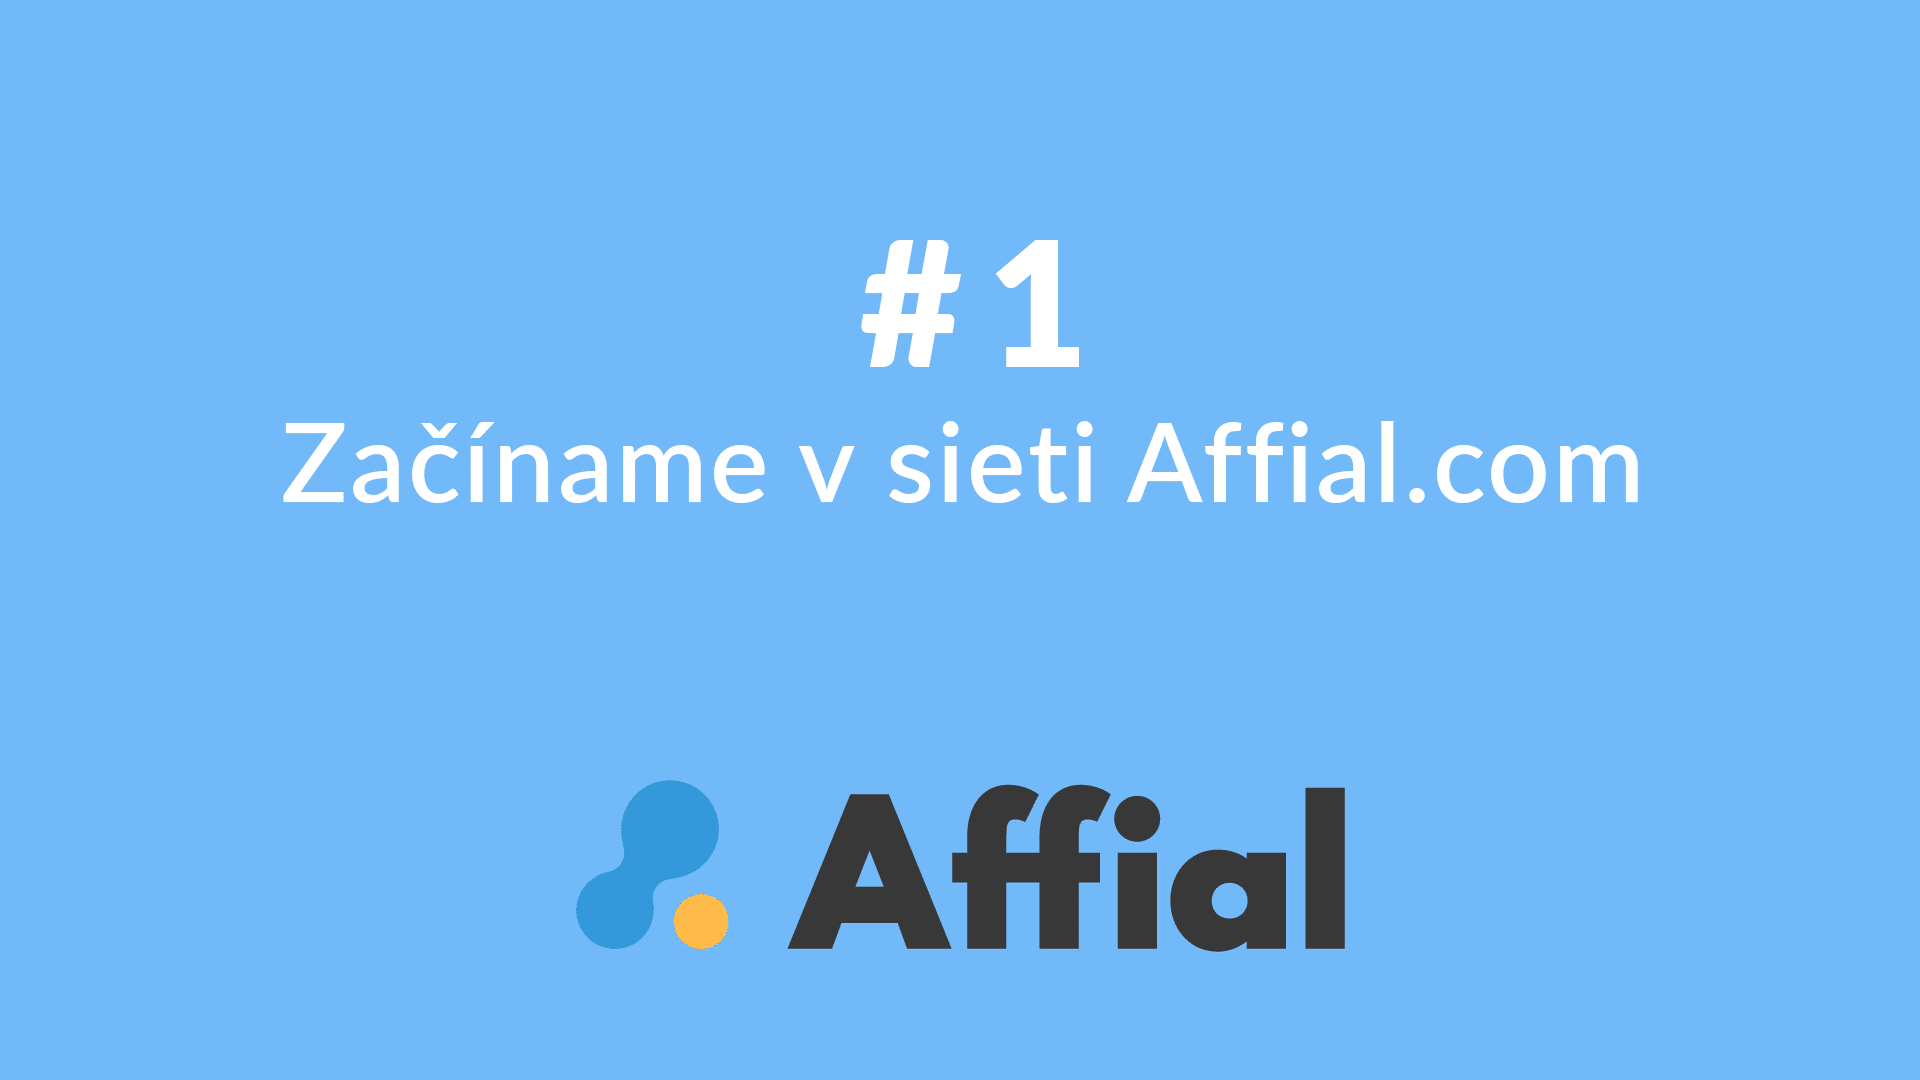 Affial Univerzita 1 - Začíname v sieti Affial